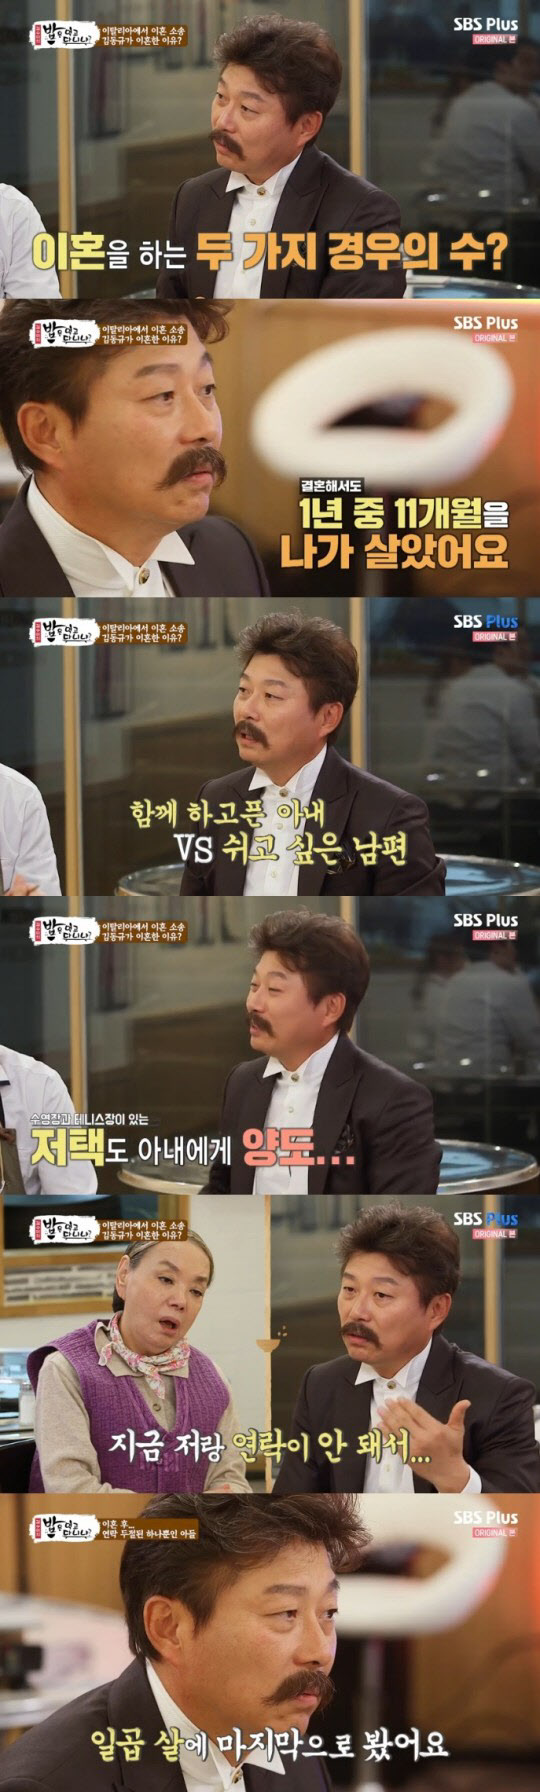 김동규, 이혼→104억 사기…파란만장한 인생史